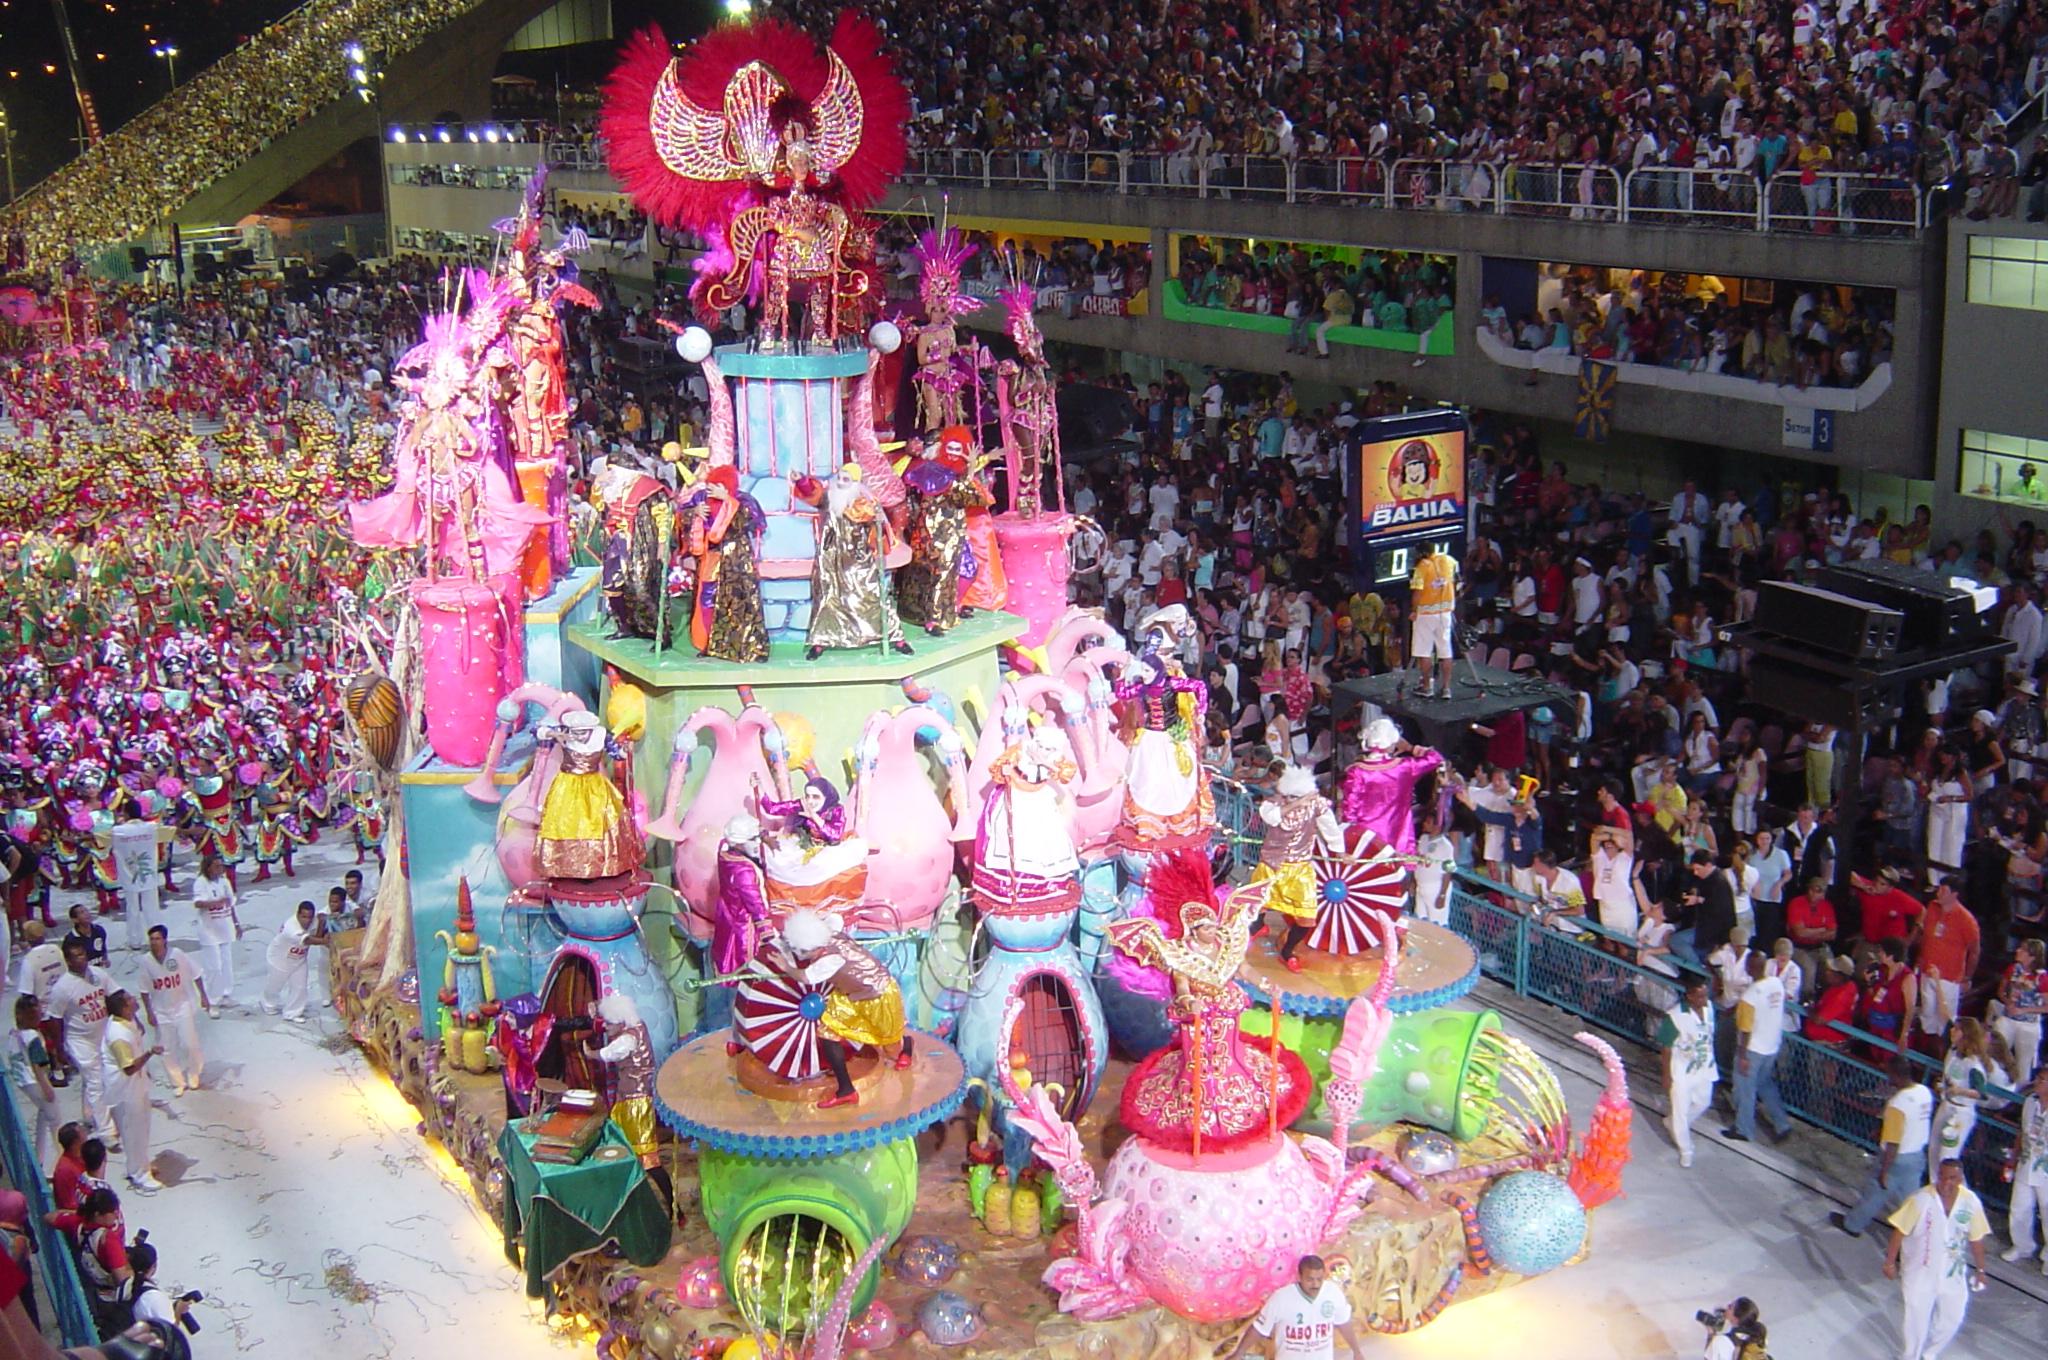 Samba_school_parades_2004